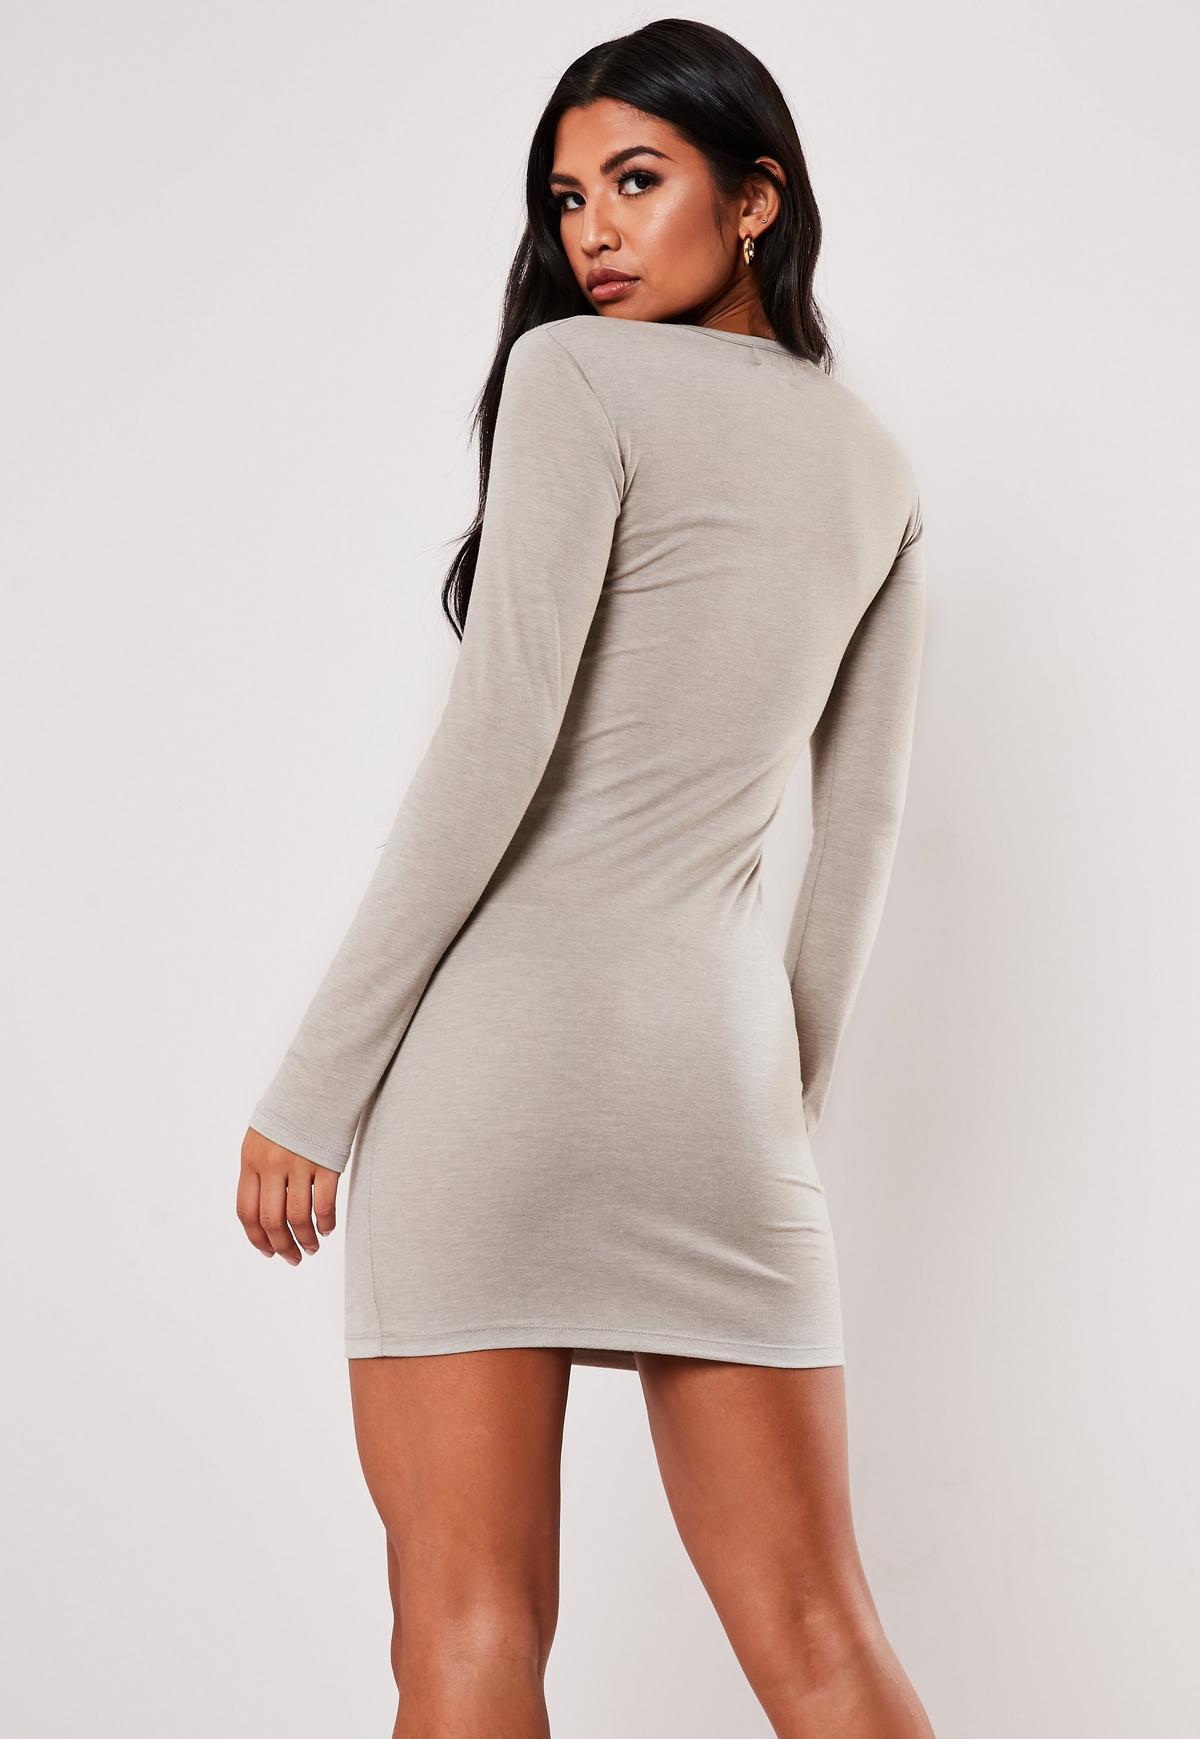 Jumia kenya bodycon dress long sleeve white gray shirt length london venice